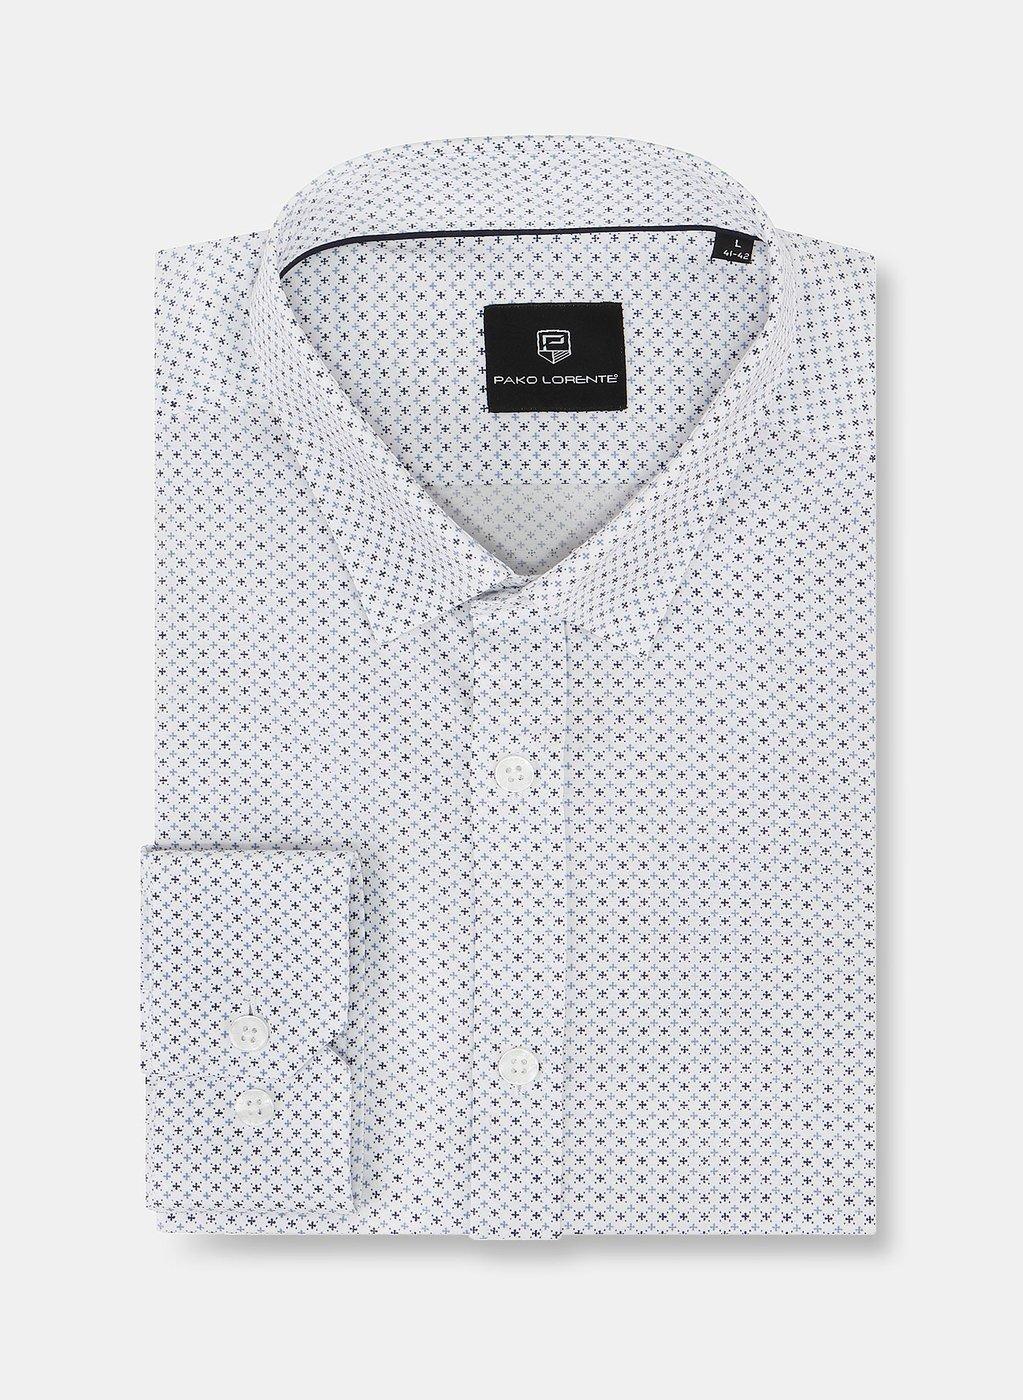 Koszule męskie, eleganckie, producent – Pako Lorente